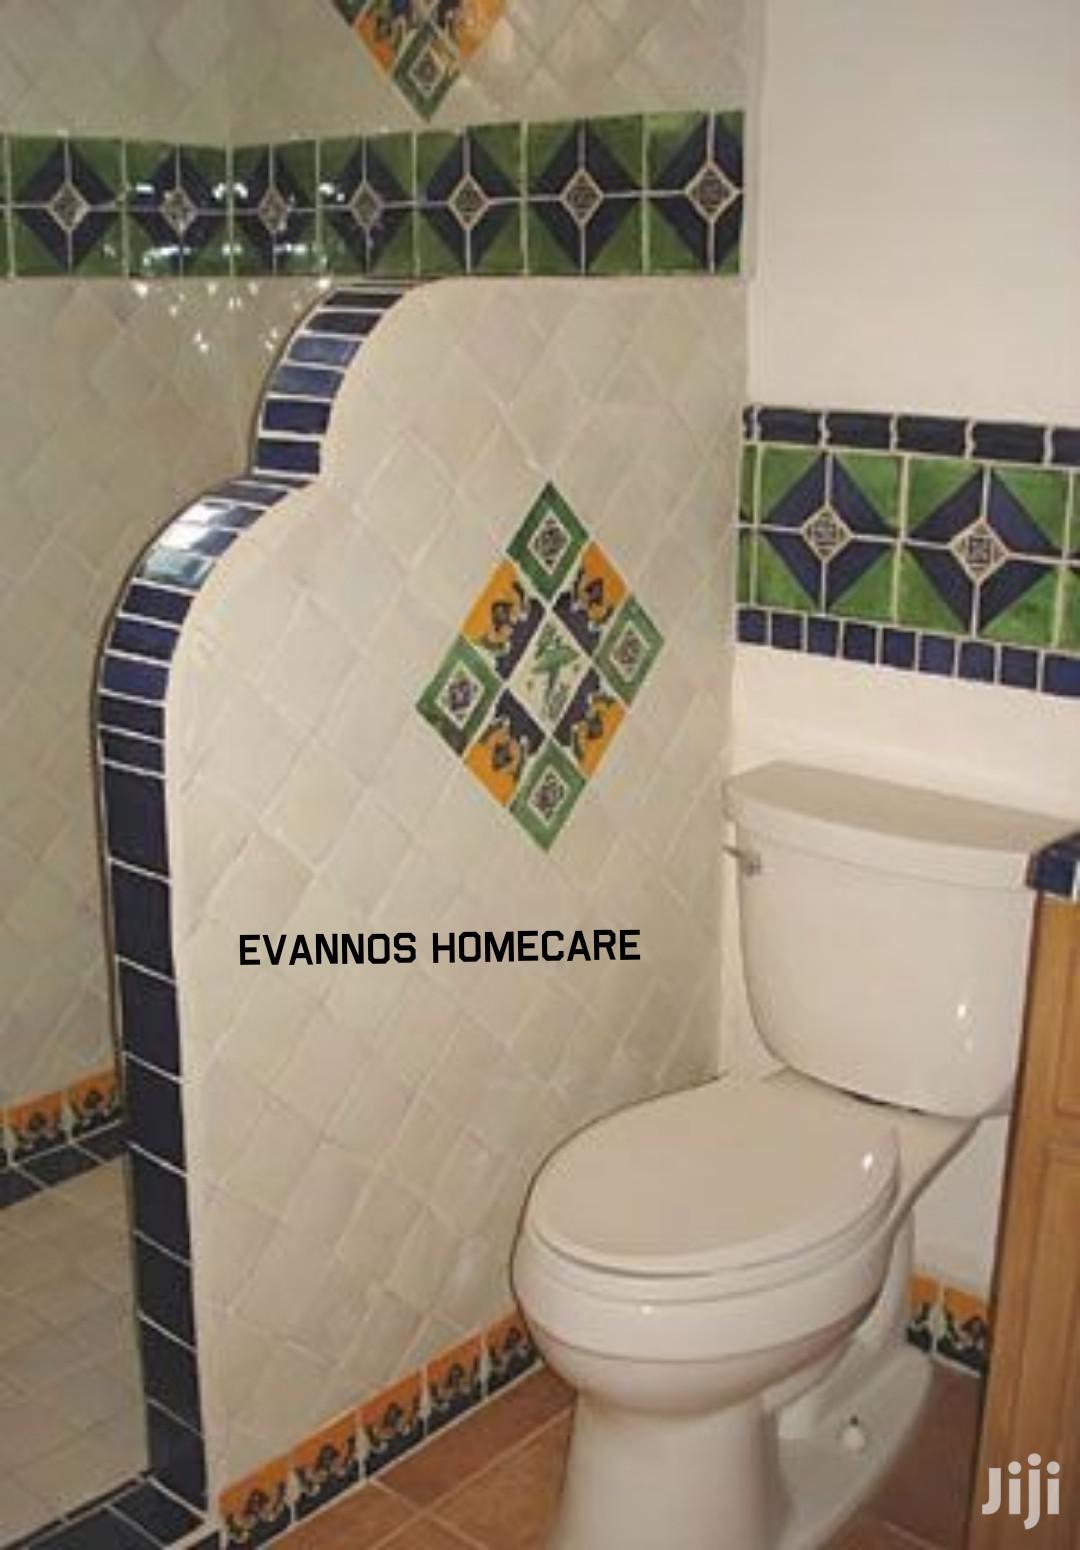 Sewage Service